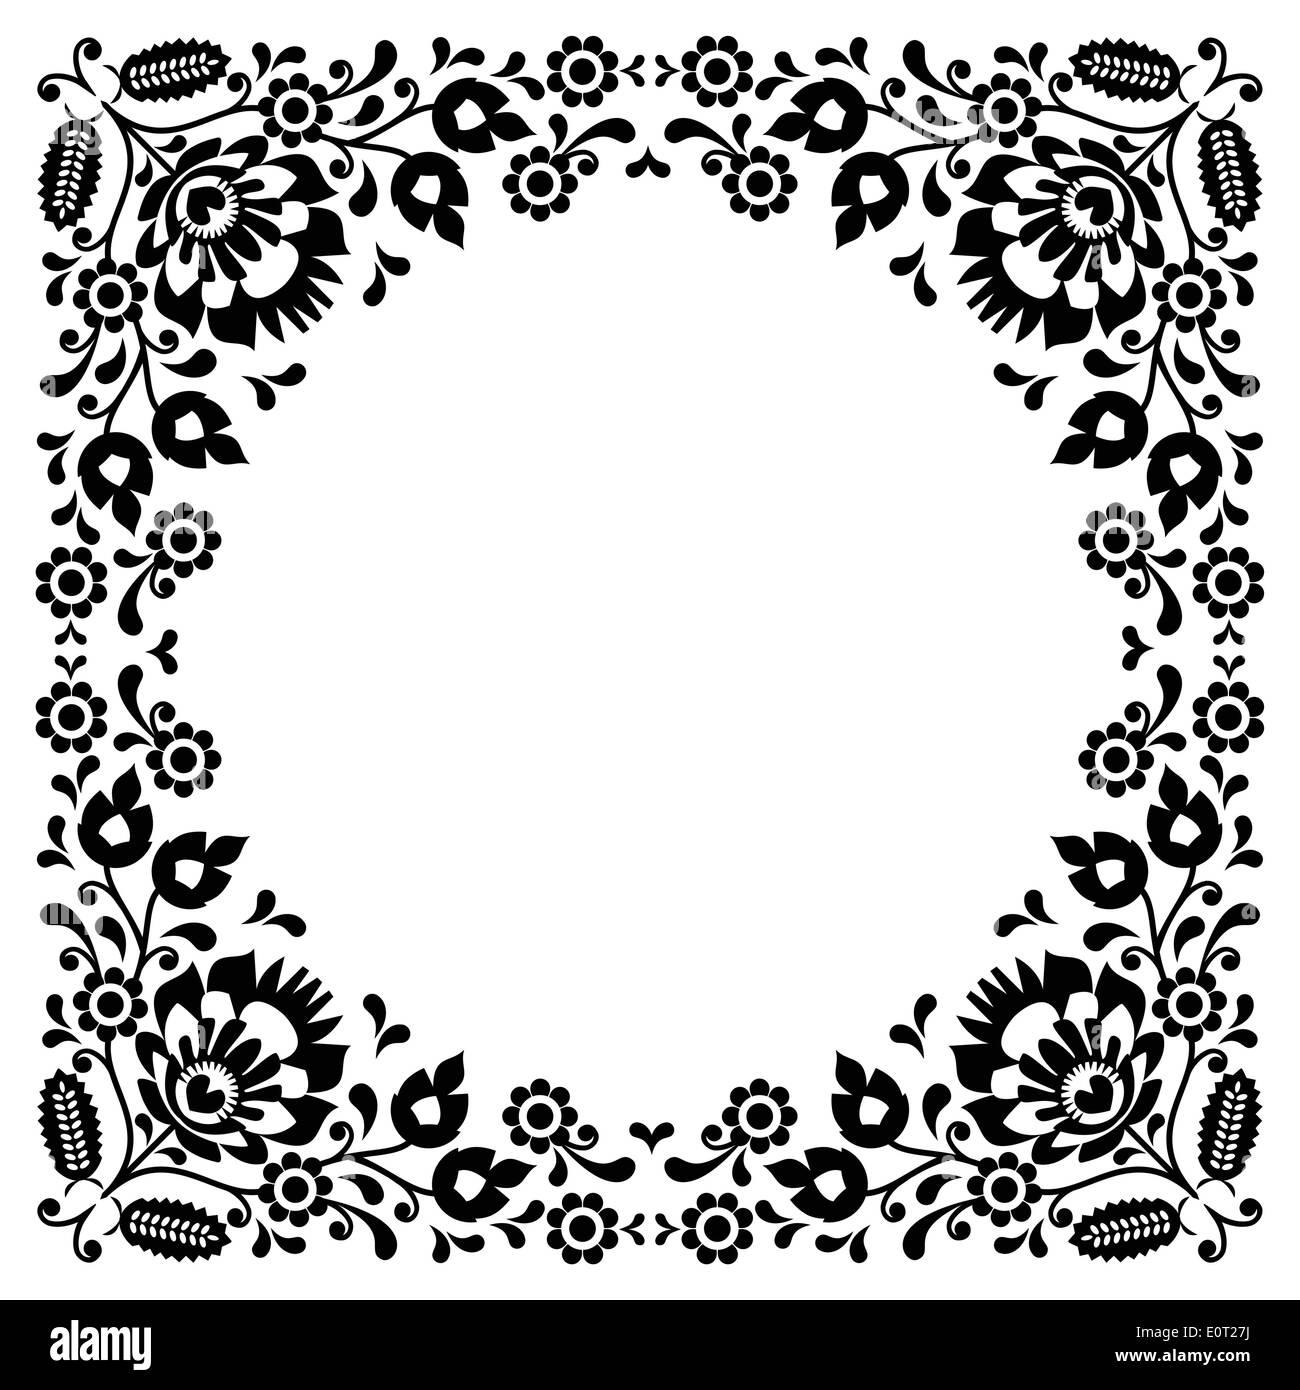 Embroidery Black Imágenes De Stock & Embroidery Black Fotos De Stock ...